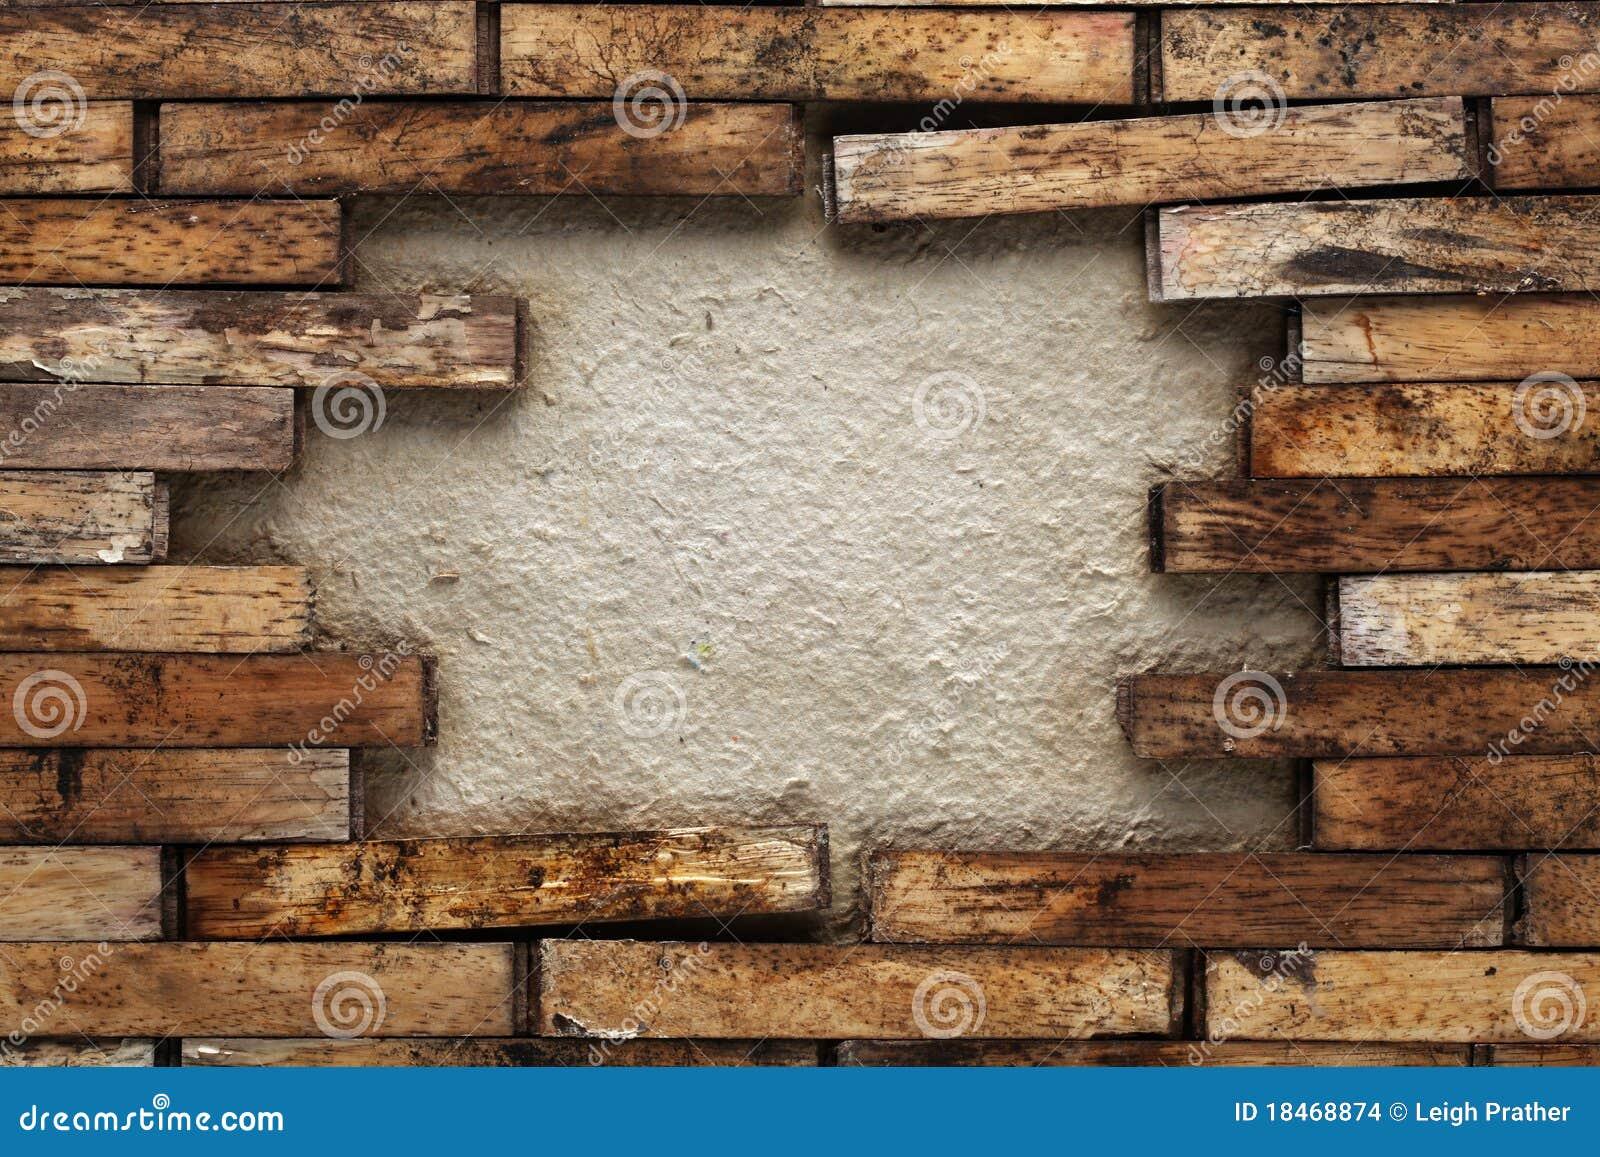 Agujero en una pared de madera imagenes de archivo - Revestir pared con madera ...